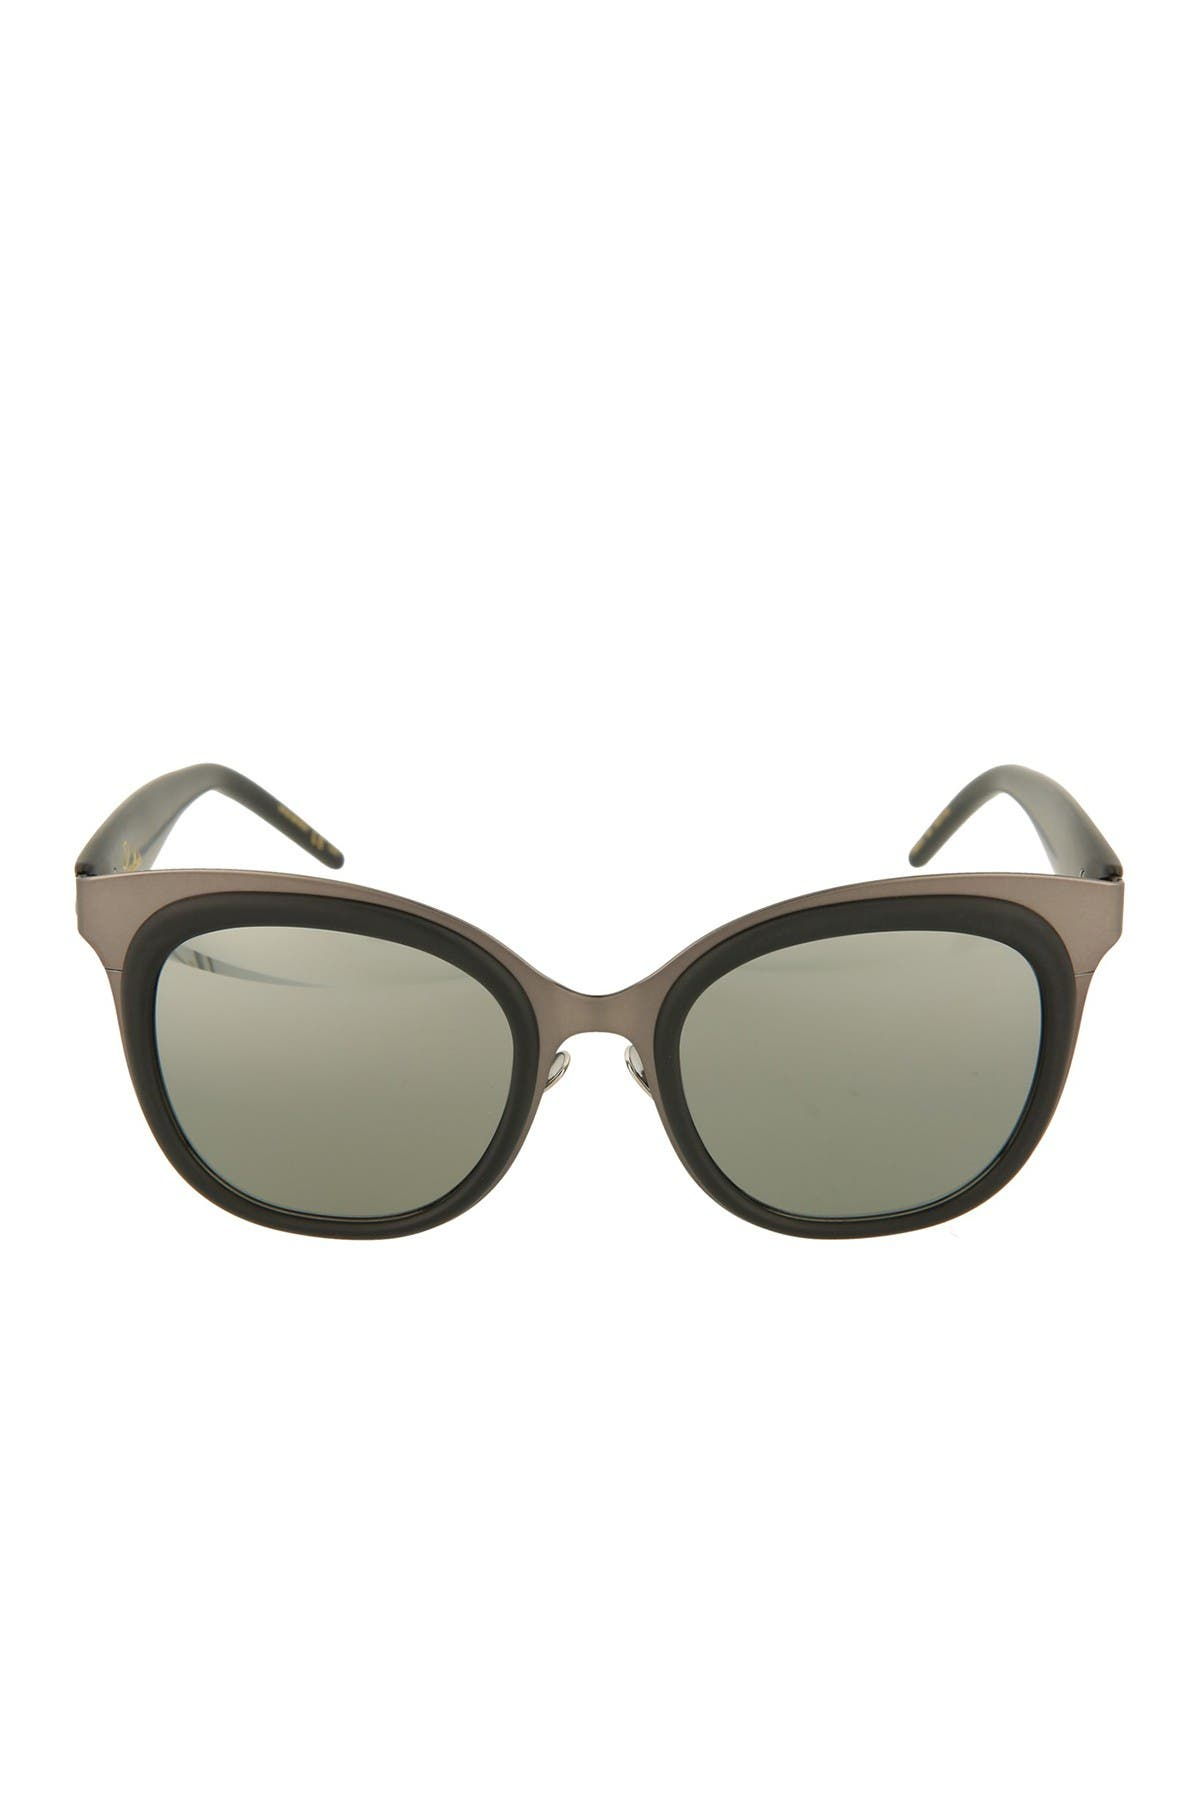 Image of Pomellato 52mm Square Sunglasses